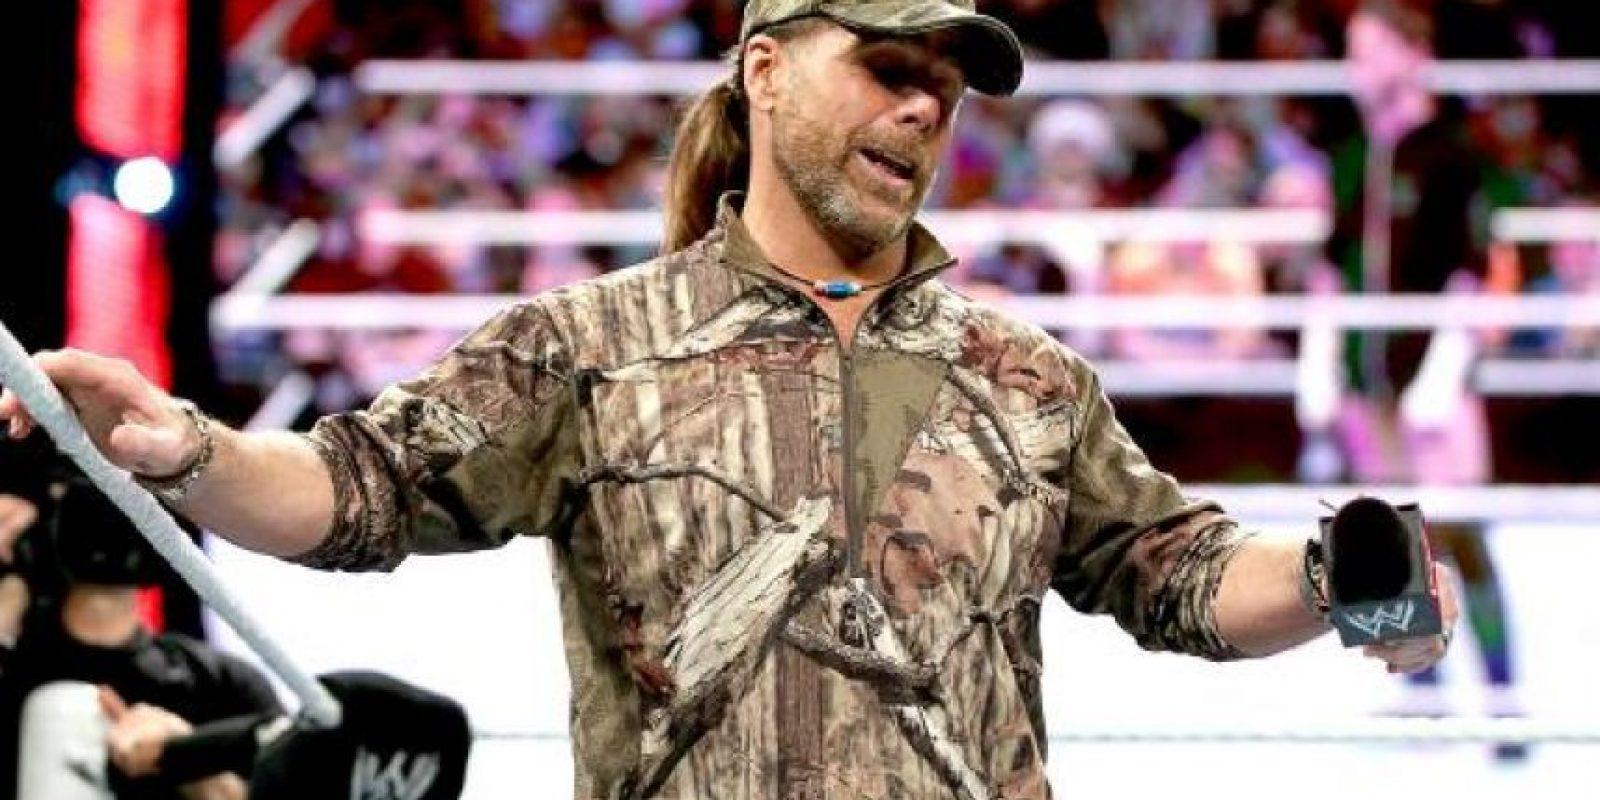 4. Dos luchadores han ganado la batalla real, después de entrar en primer lugar: Shawn Michaels en 1995 Foto:WWE